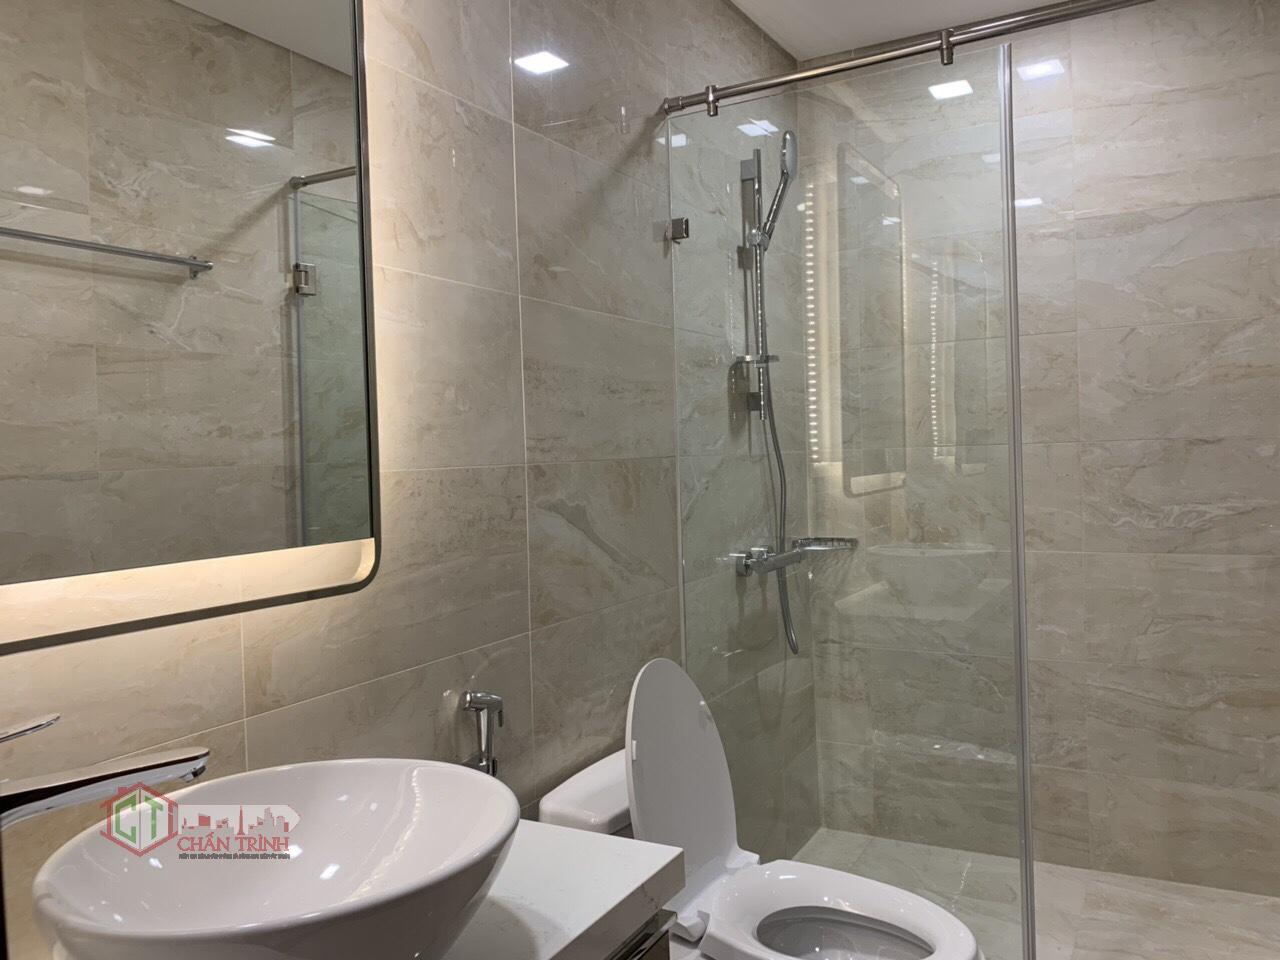 Nhà vệ sinh căn hộ 1 phòng Landmark 81